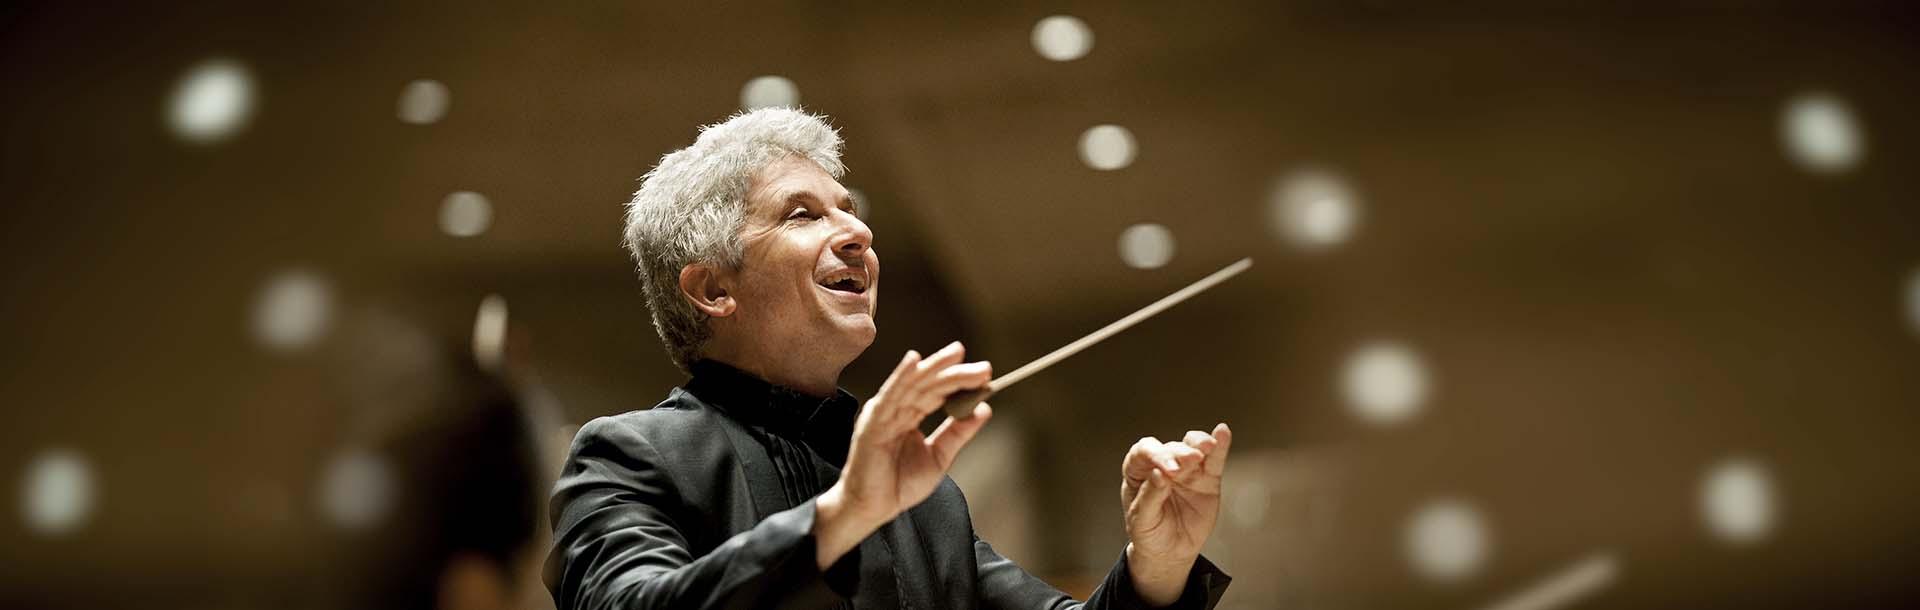 toronto_symphony_orchestra_orchestre_symphonique_de_montreal_1920_610